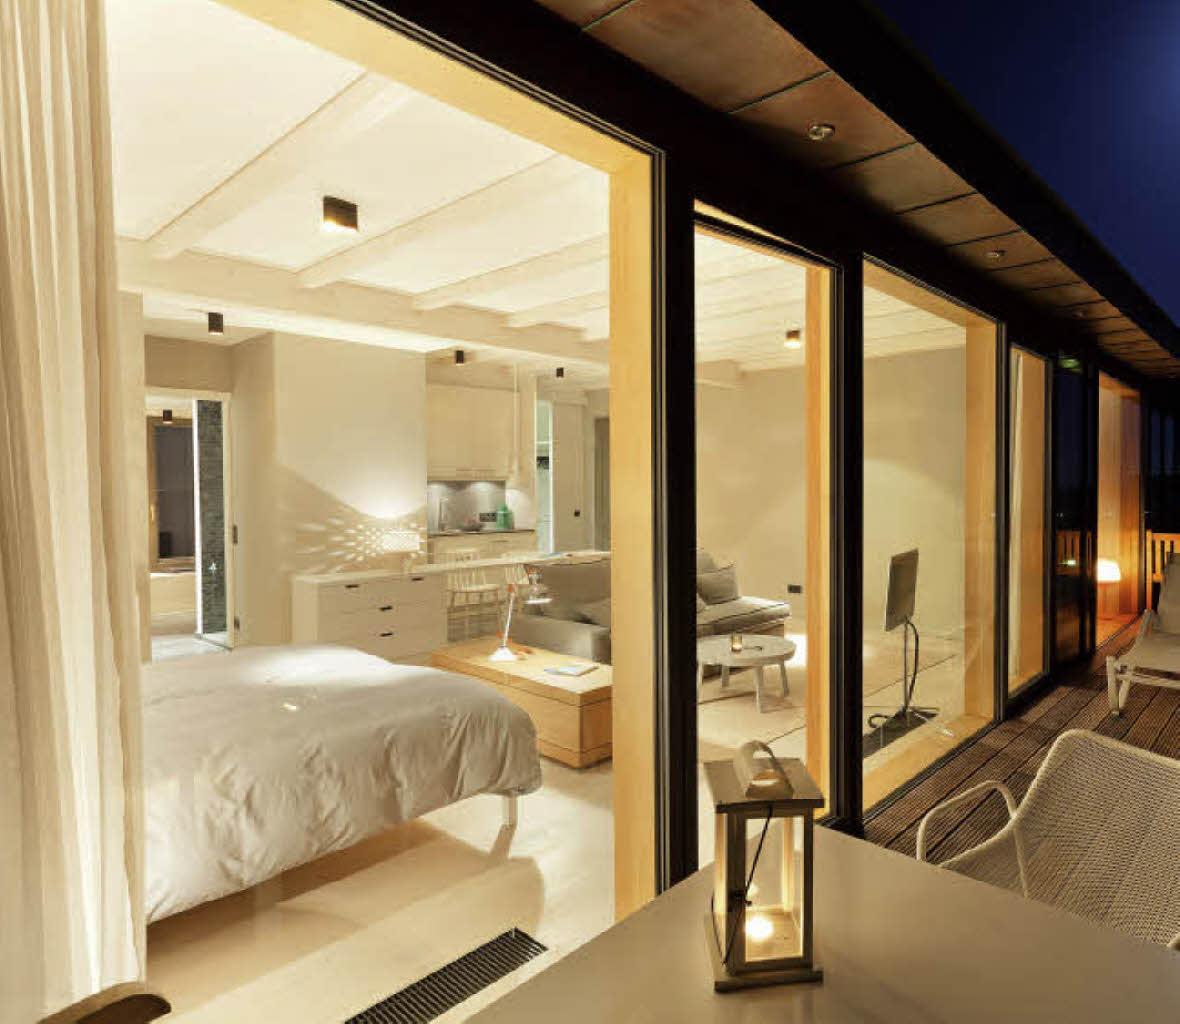 reise gelsenkirchener barock war einmal badische. Black Bedroom Furniture Sets. Home Design Ideas